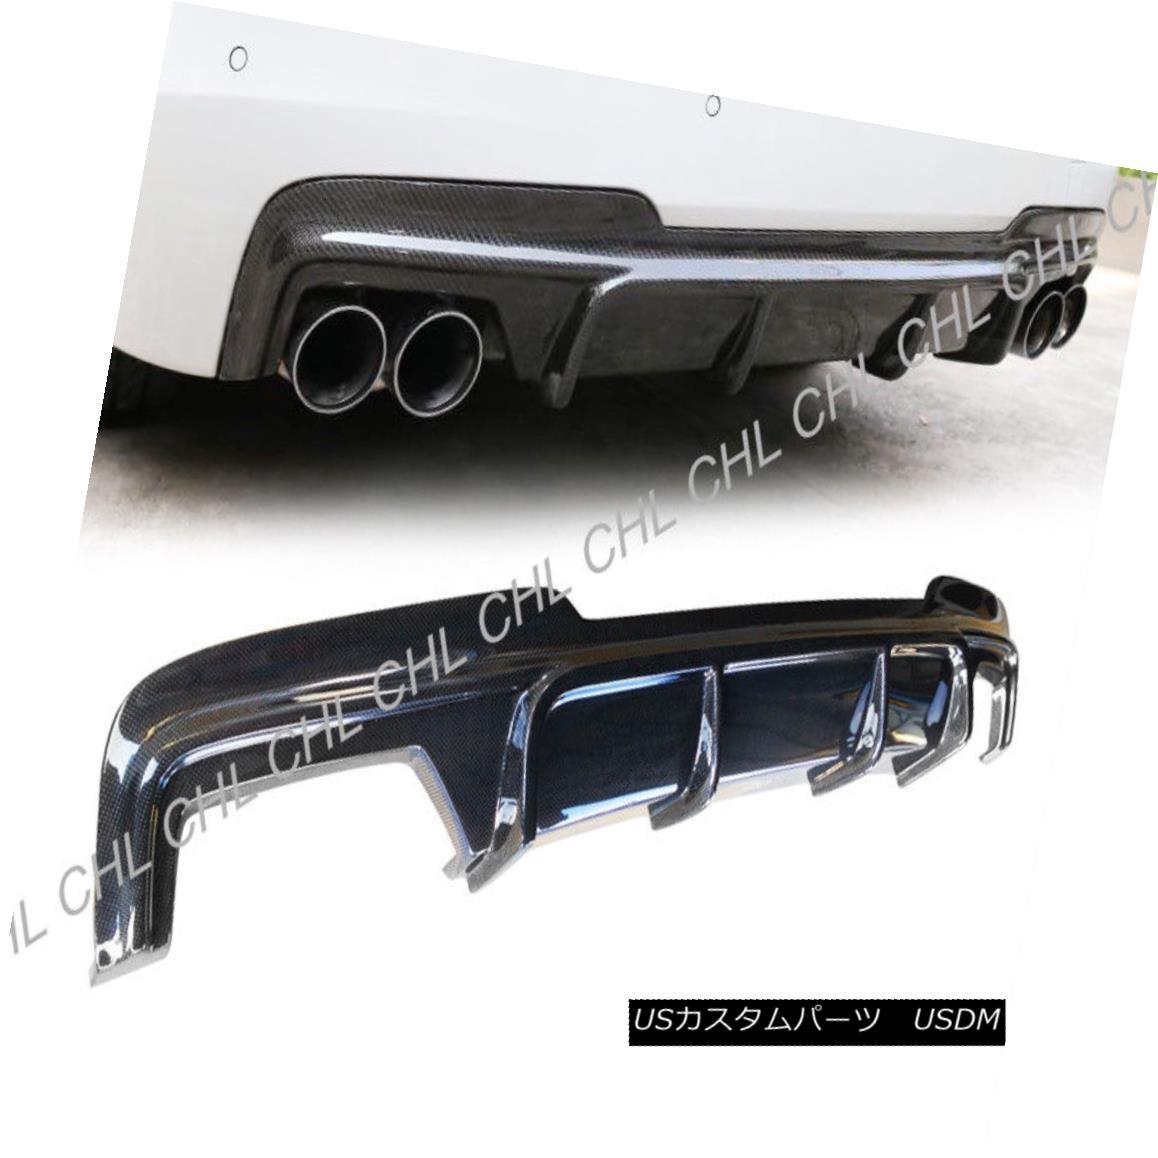 エアロパーツ V Stye Carbon Fiber Rear Bumper Diffuser For 11-16 BMW F10 5-Series M-Sport Only V Styeカーボンファイバーリアバンパーディフューザー11-16 BMW F10 5シリーズM-スポーツのみ